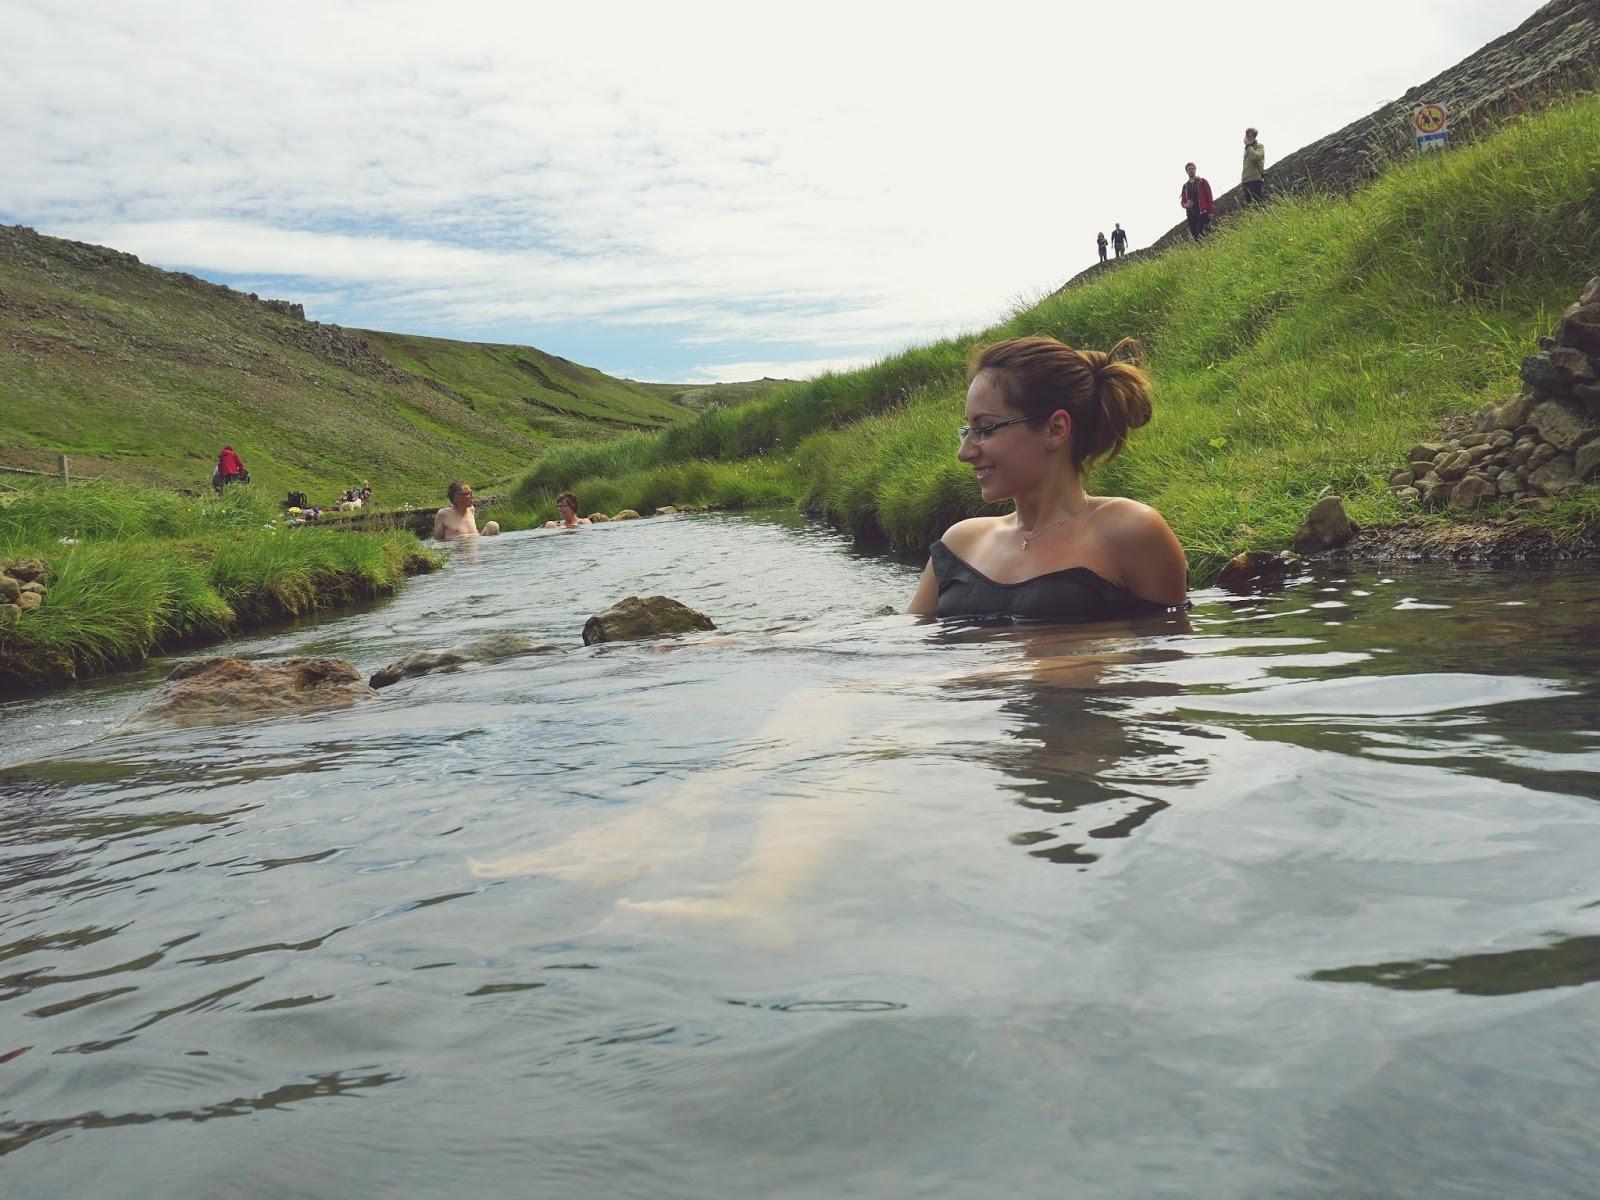 Gorąca rzeka Reykjadalur, Islandia, Południowa Islandia, Hvergerdi, gorące źródła, źródła geotermalne, kąpiel w gorącej rzece